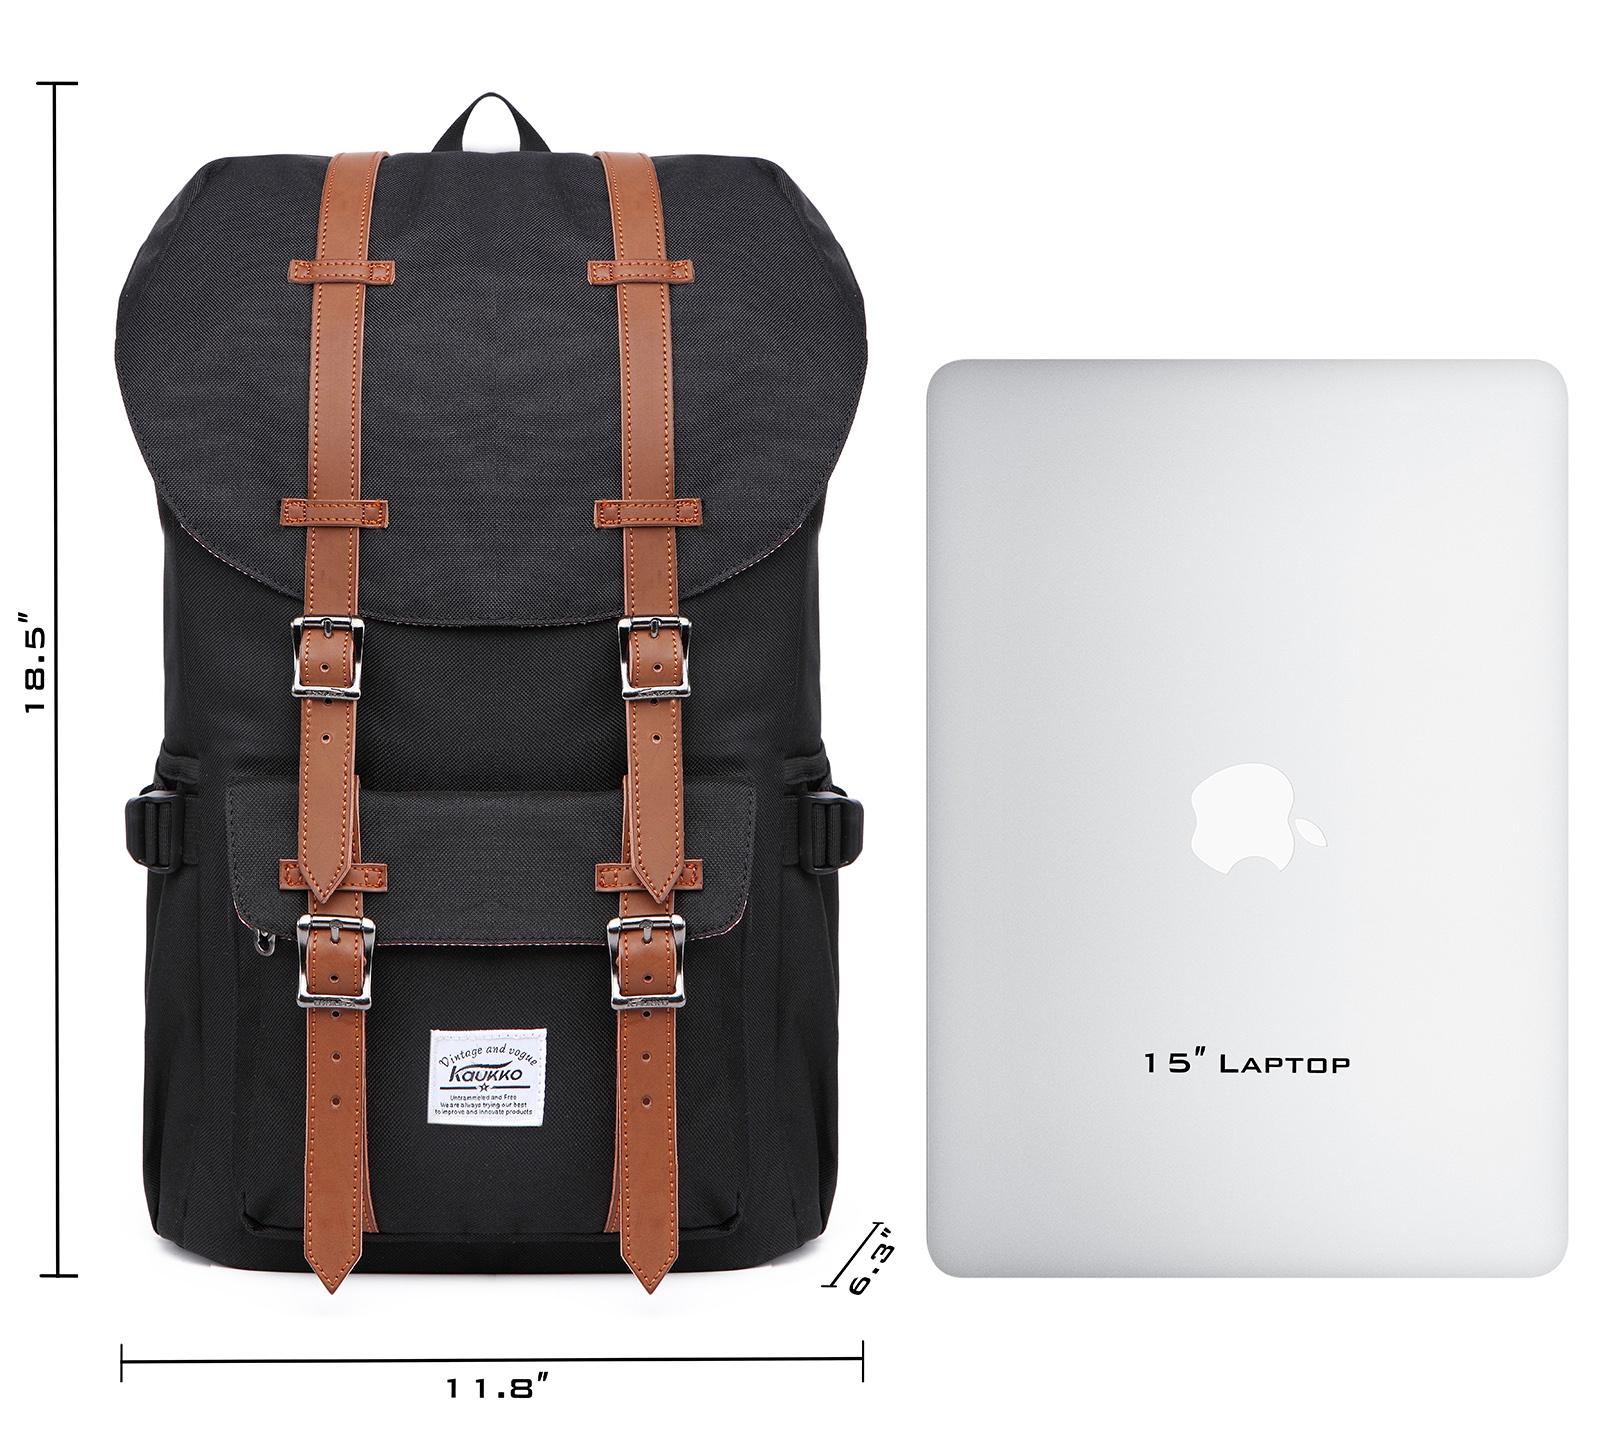 laptop outdoor backpack travel hiking camping rucksack shoulder